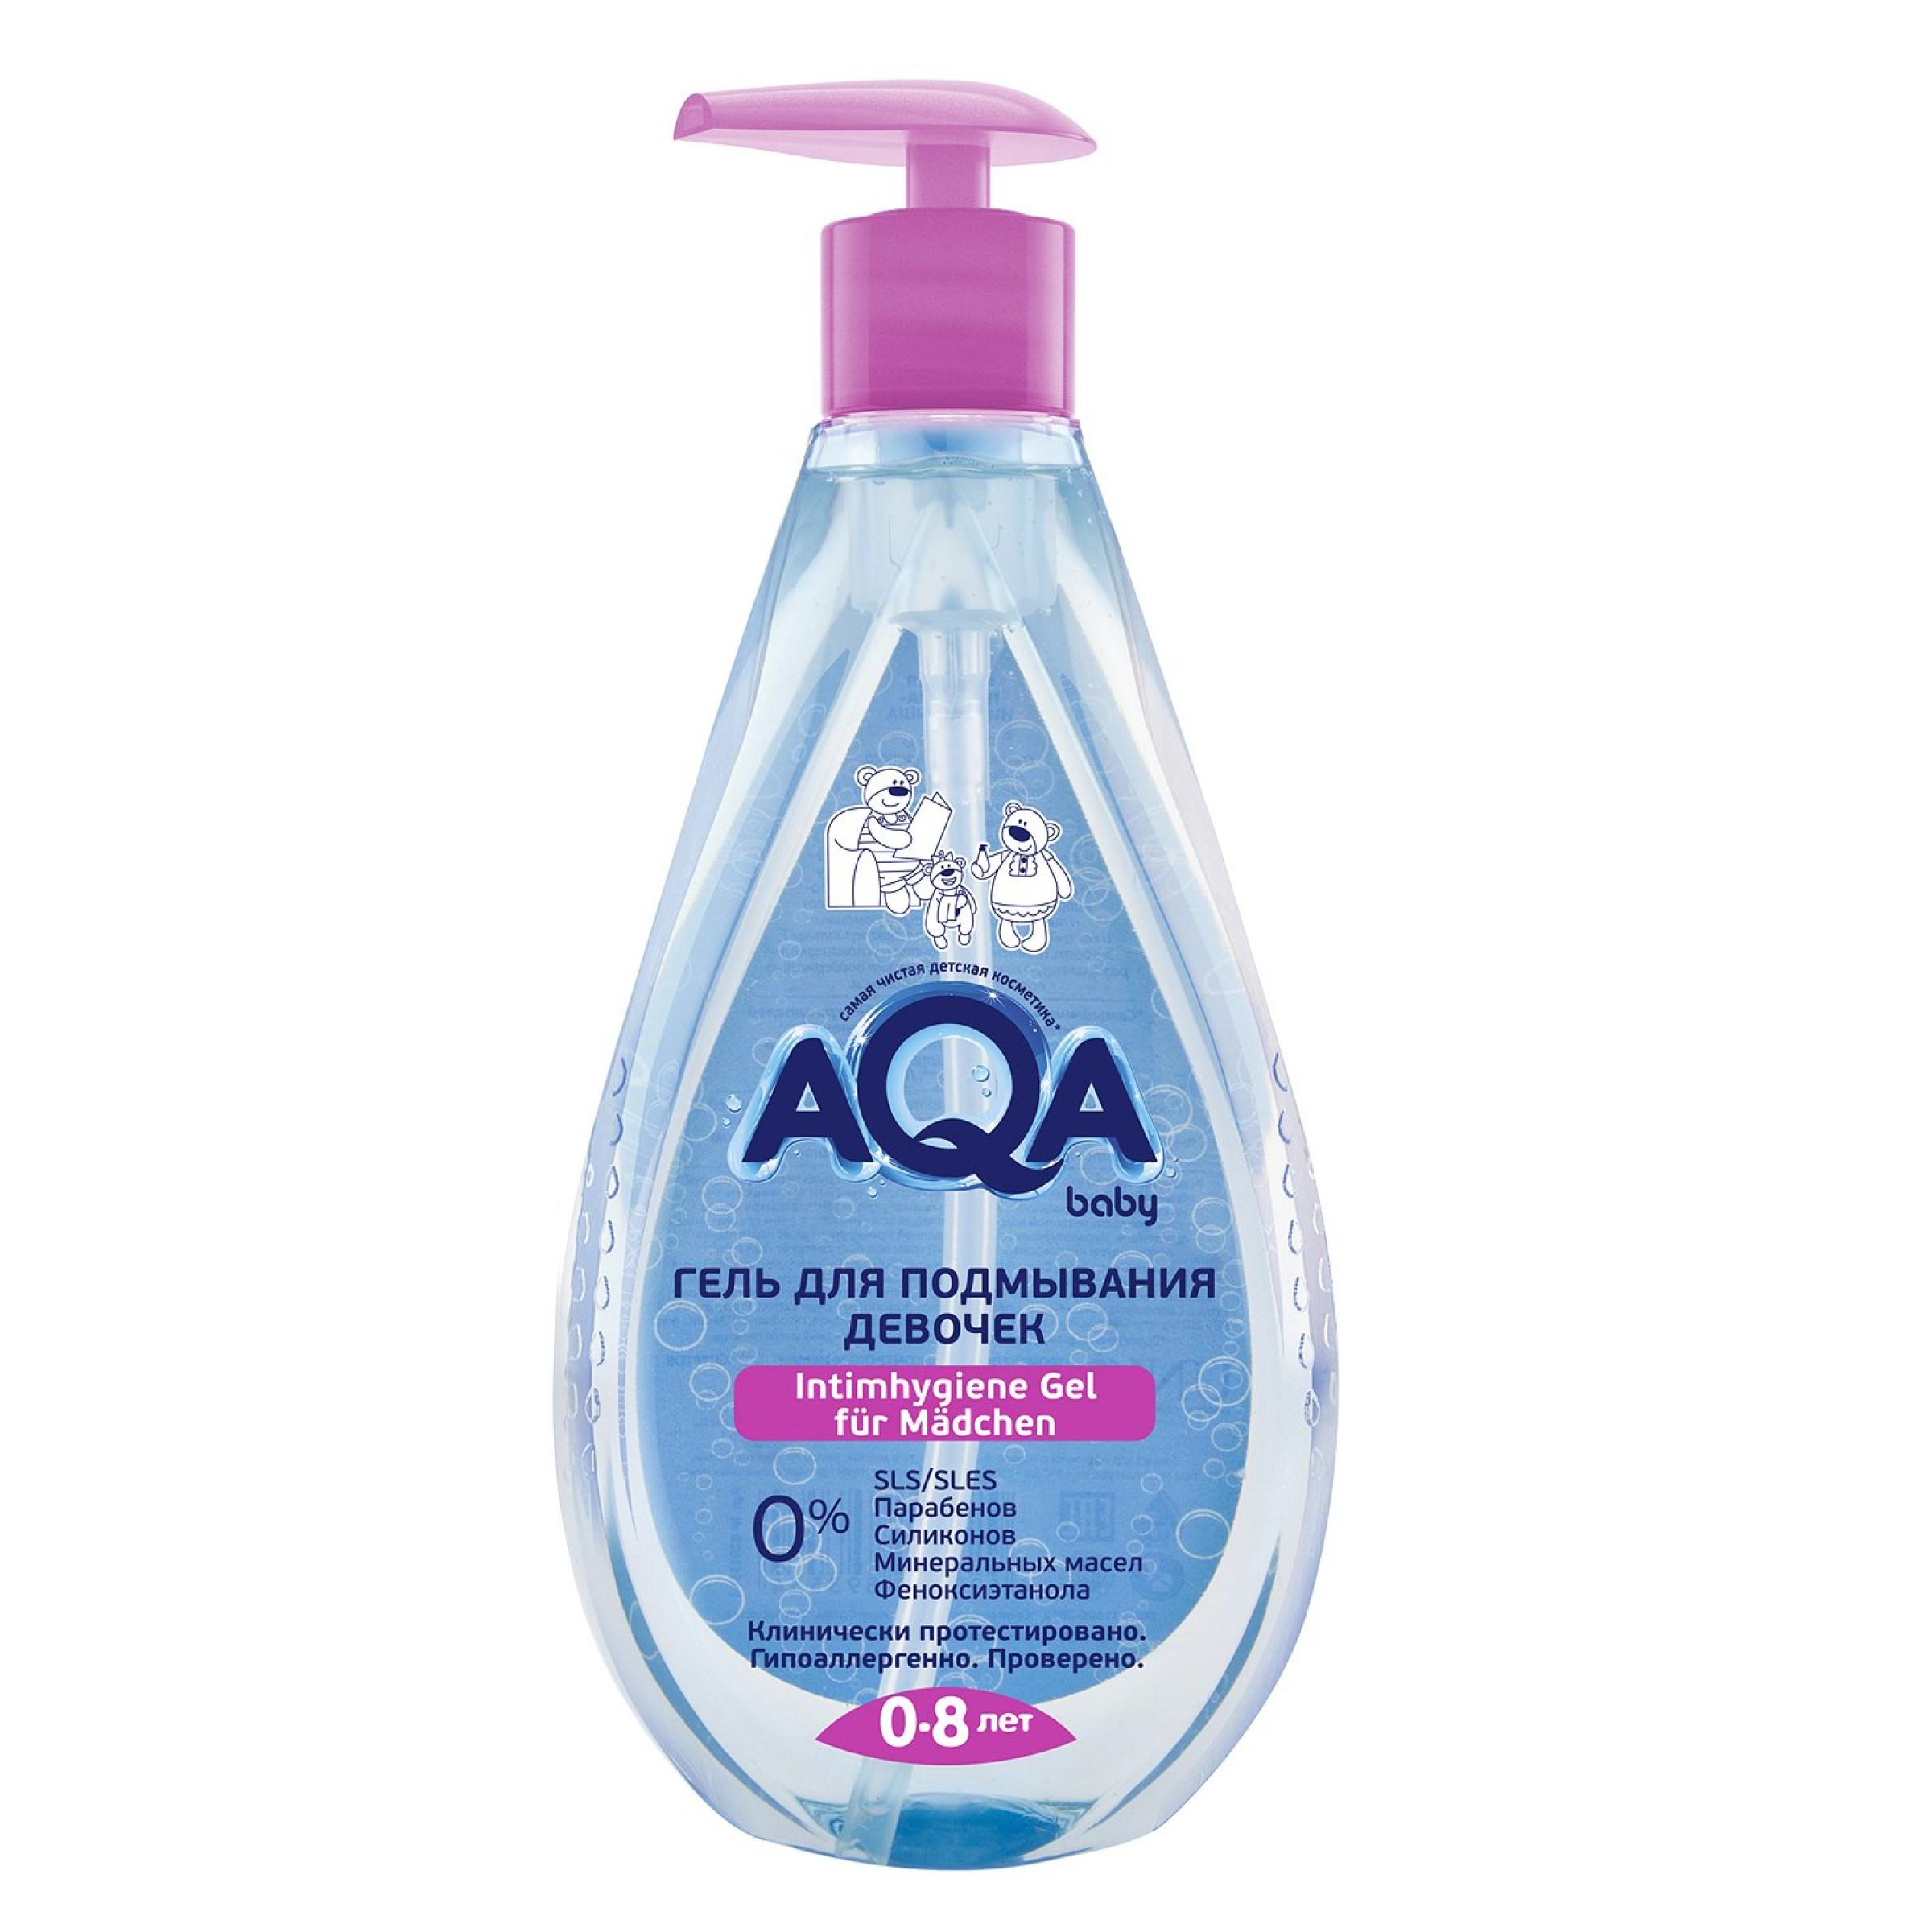 Гель для подмывания девочек AQA baby 0-8 лет, 250 мл